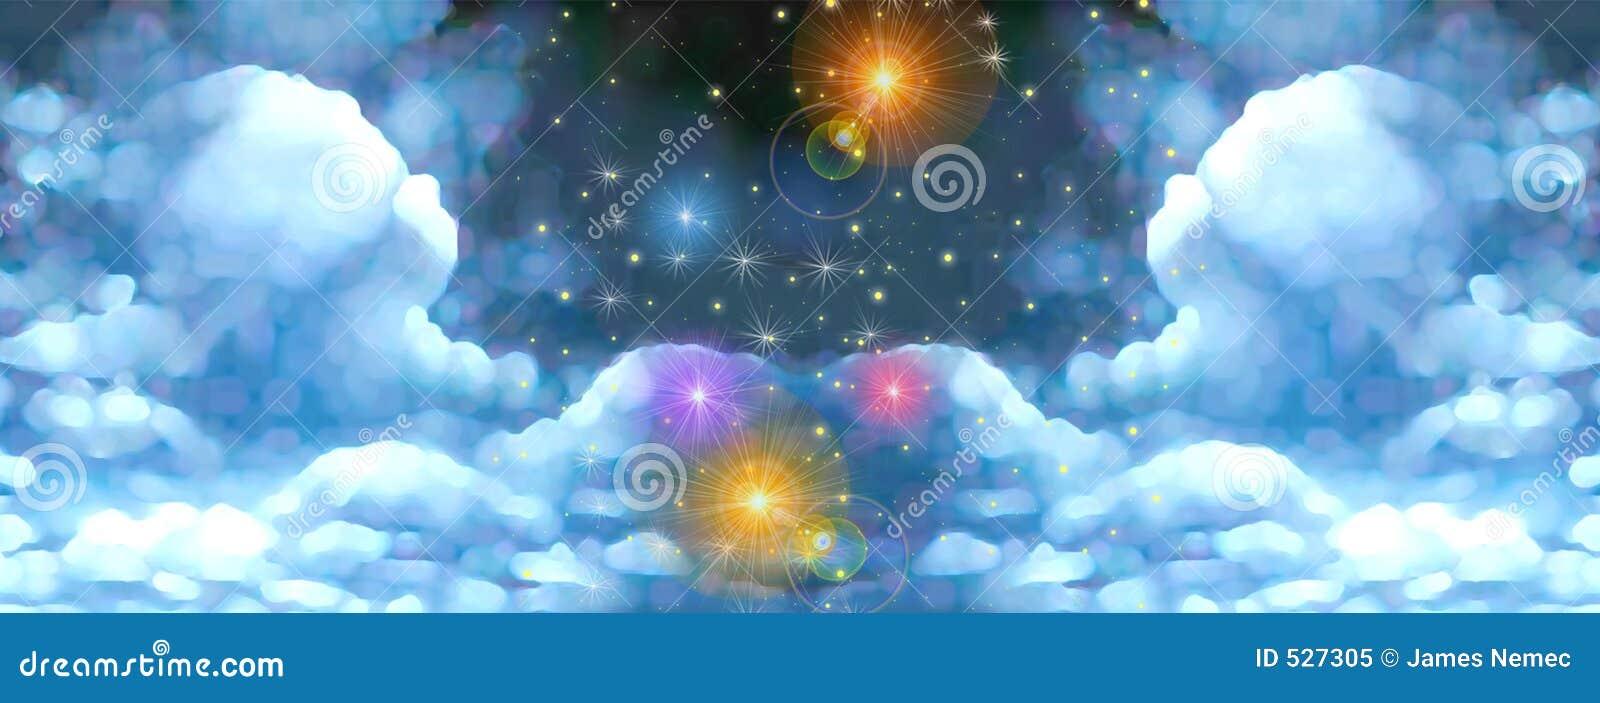 Céu do Fairy-tale